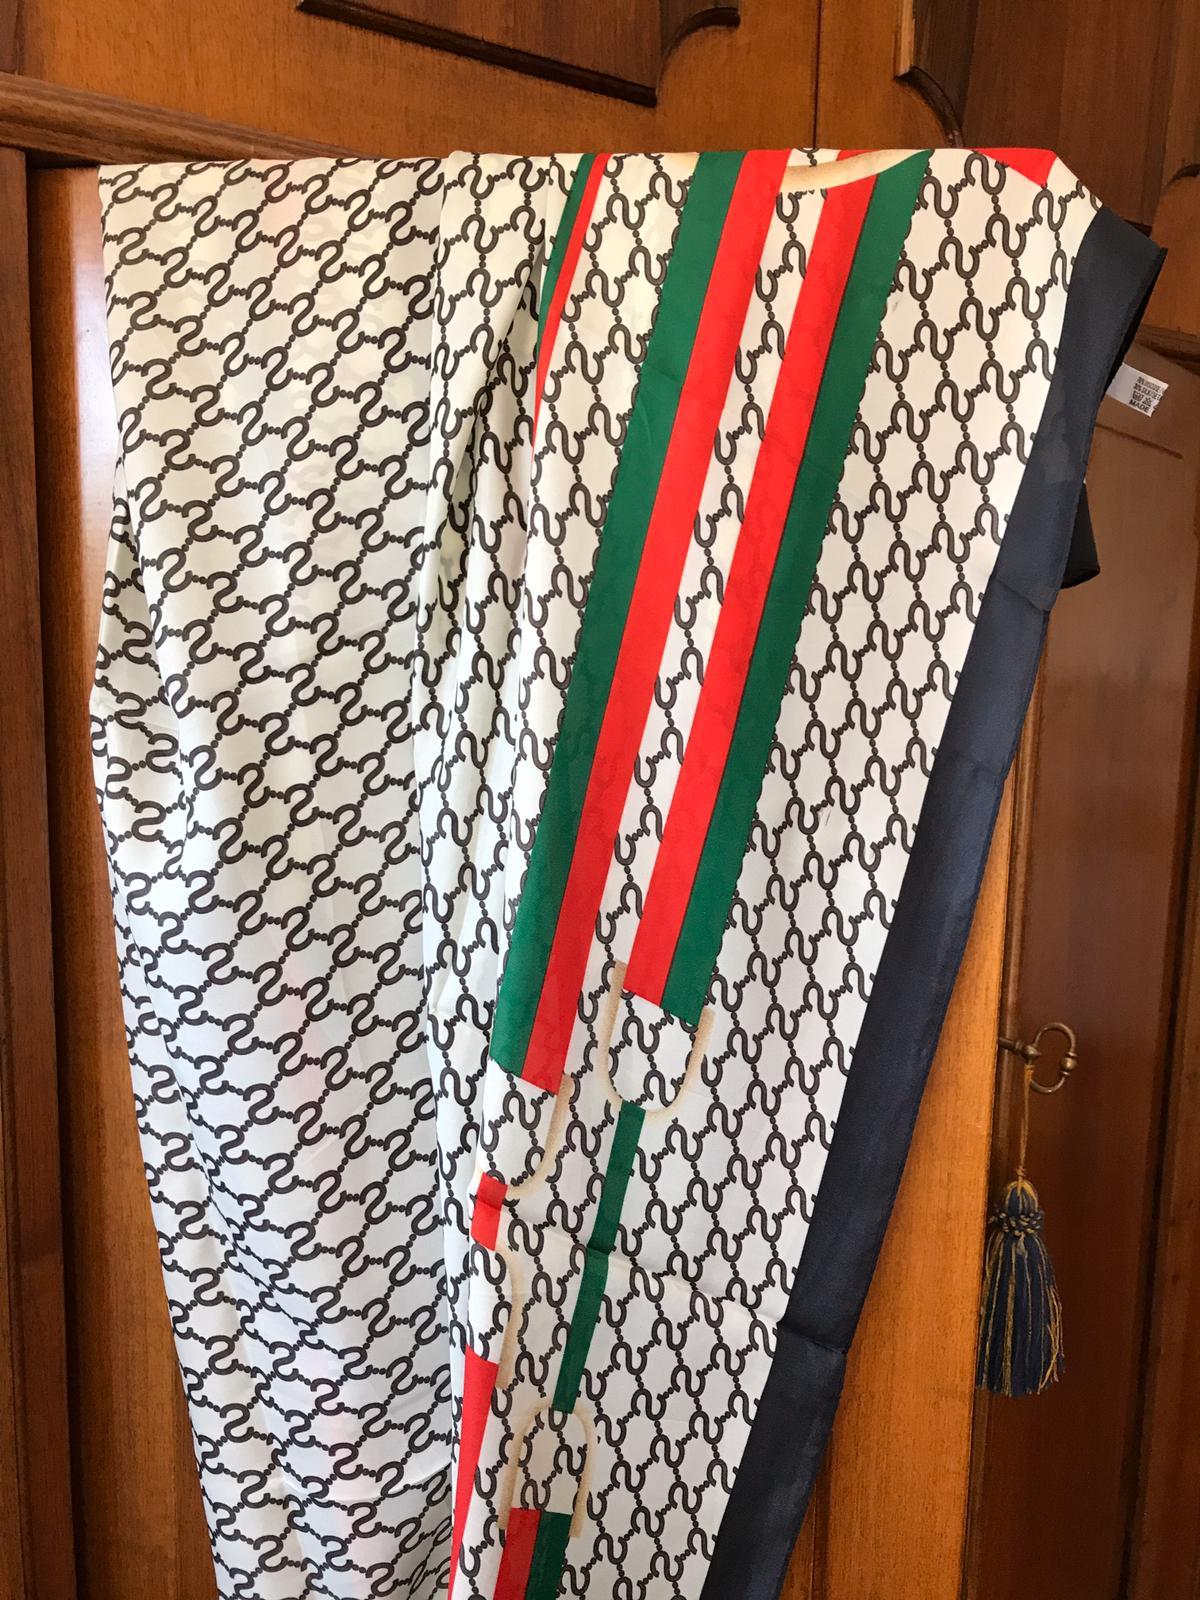 <B style='color:red'>SOLO BOLOGNA E PROVINCIA</B> - Foulard elegante, misure 200x200cm - 30% seta e 70% viscosa